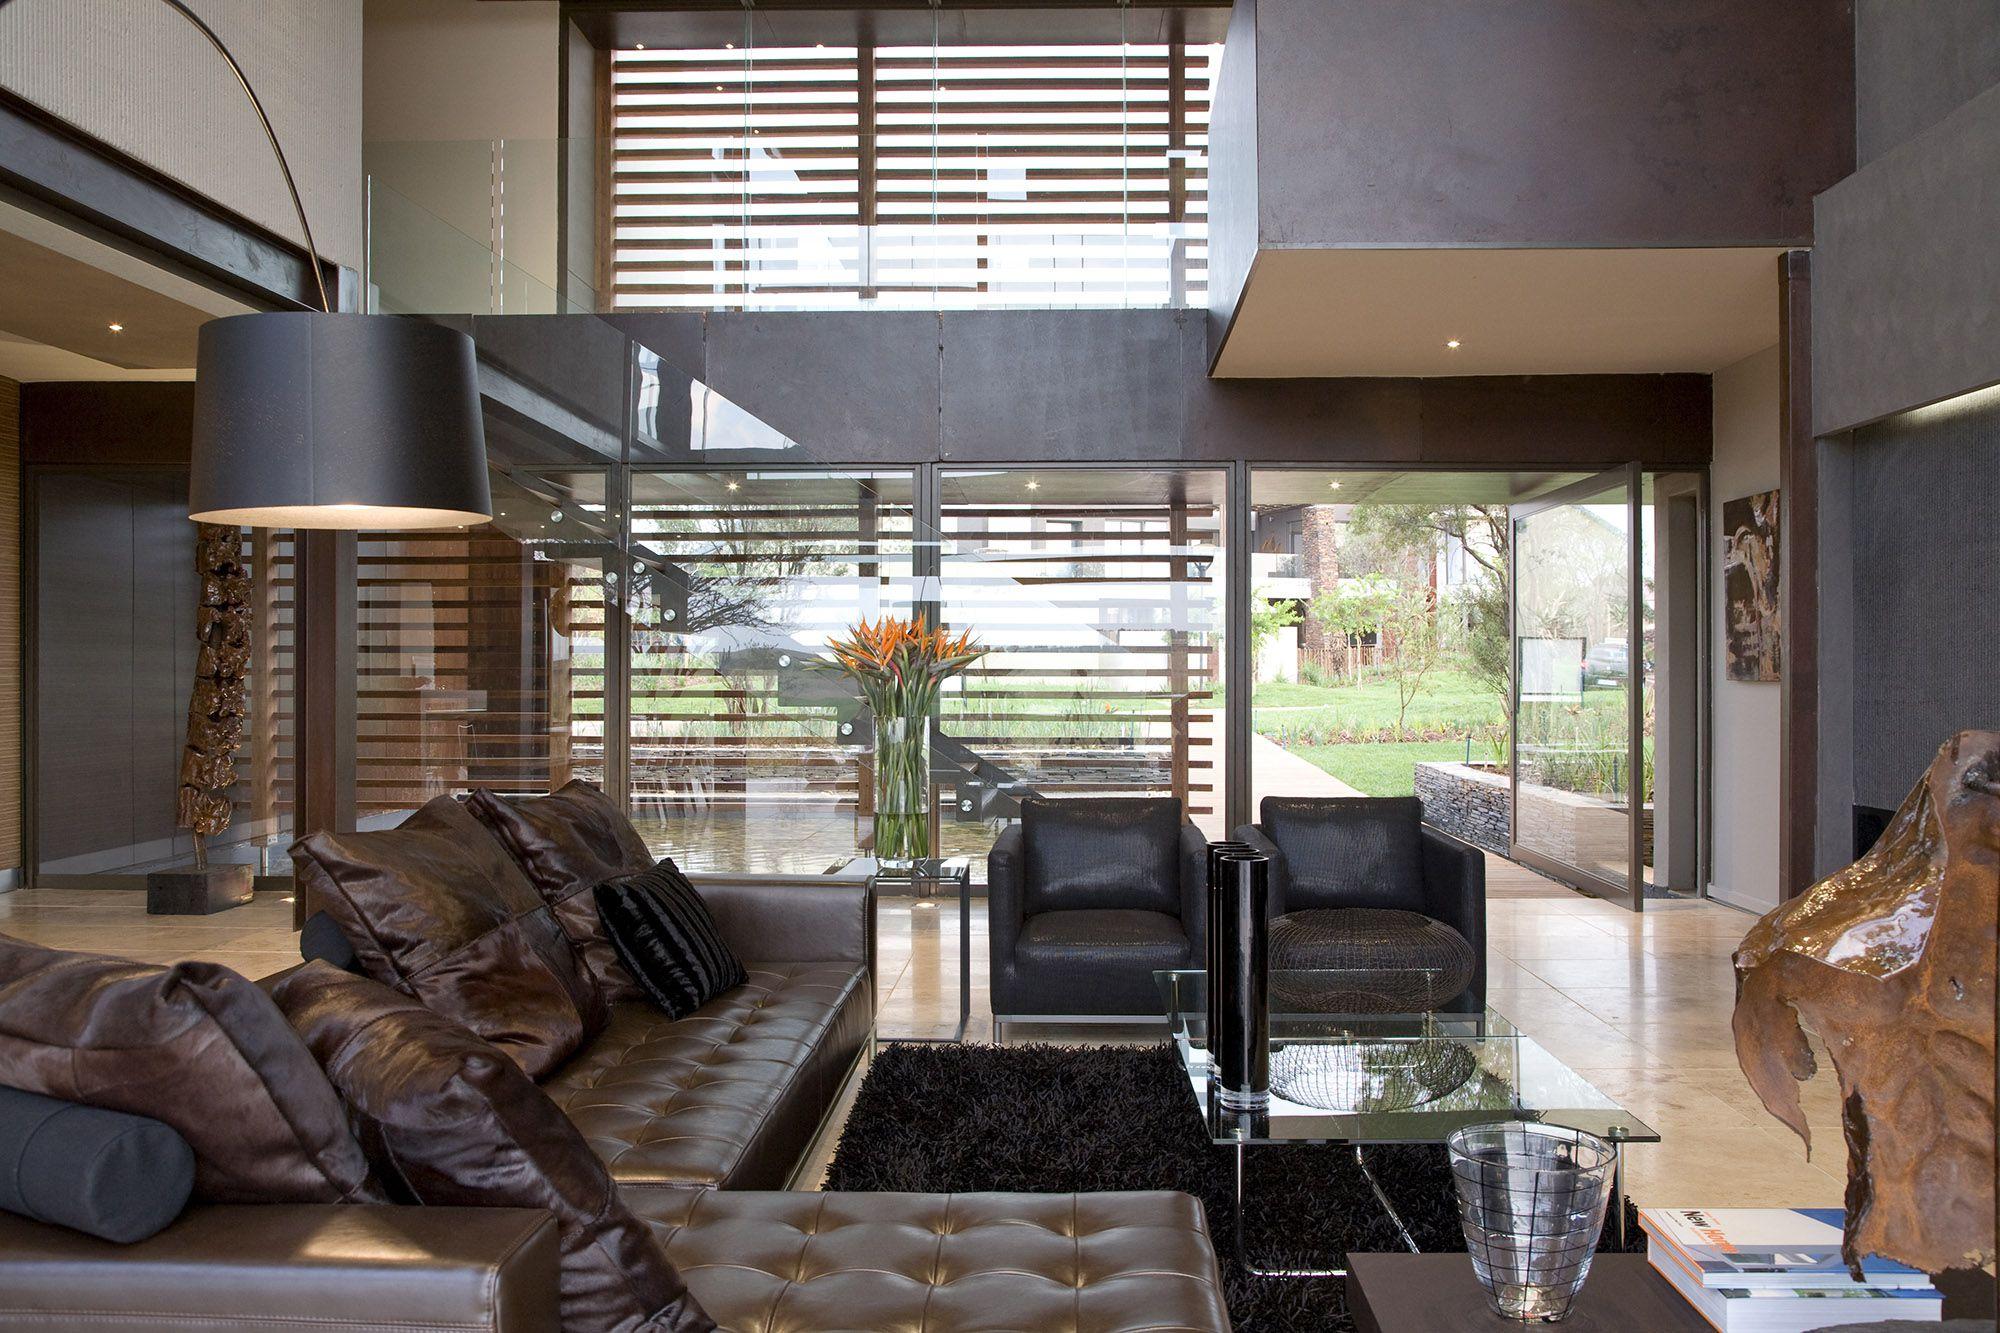 Serengeti Designed by Rudolph van der Meulen 264